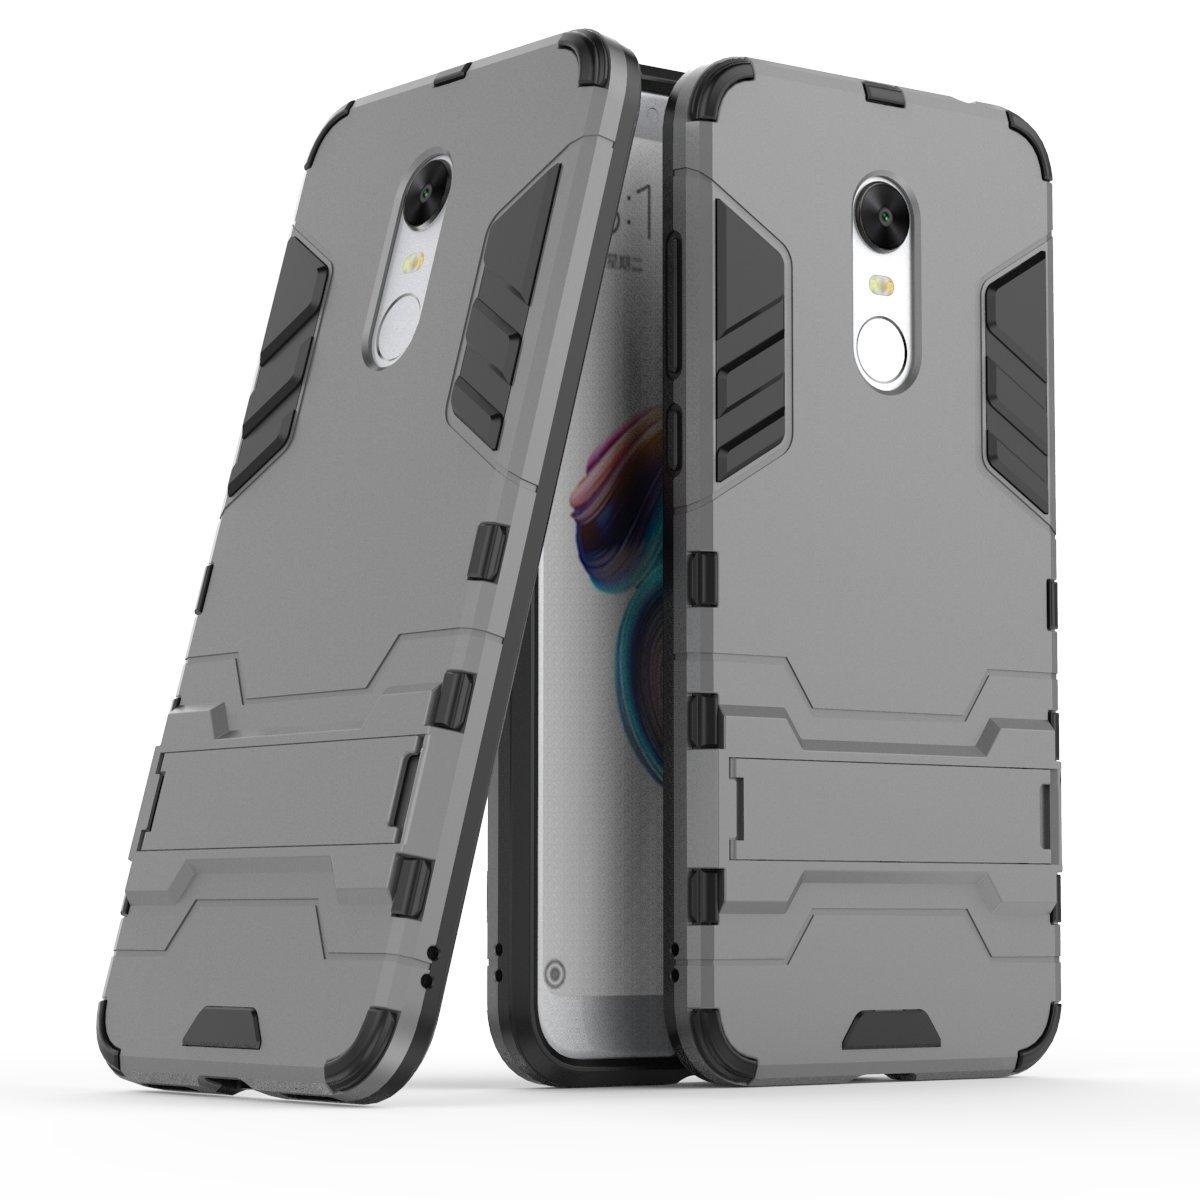 Xiaomi Redmi 5 Plus Custodia, CaseFirst Hybrid Cover antiurto Combo Armor Bumper Protettiva Anti-impronte Anti-scivolo 2 in 1 Rigida Custodia per Xiaomi Redmi 5 Plus (Nero)